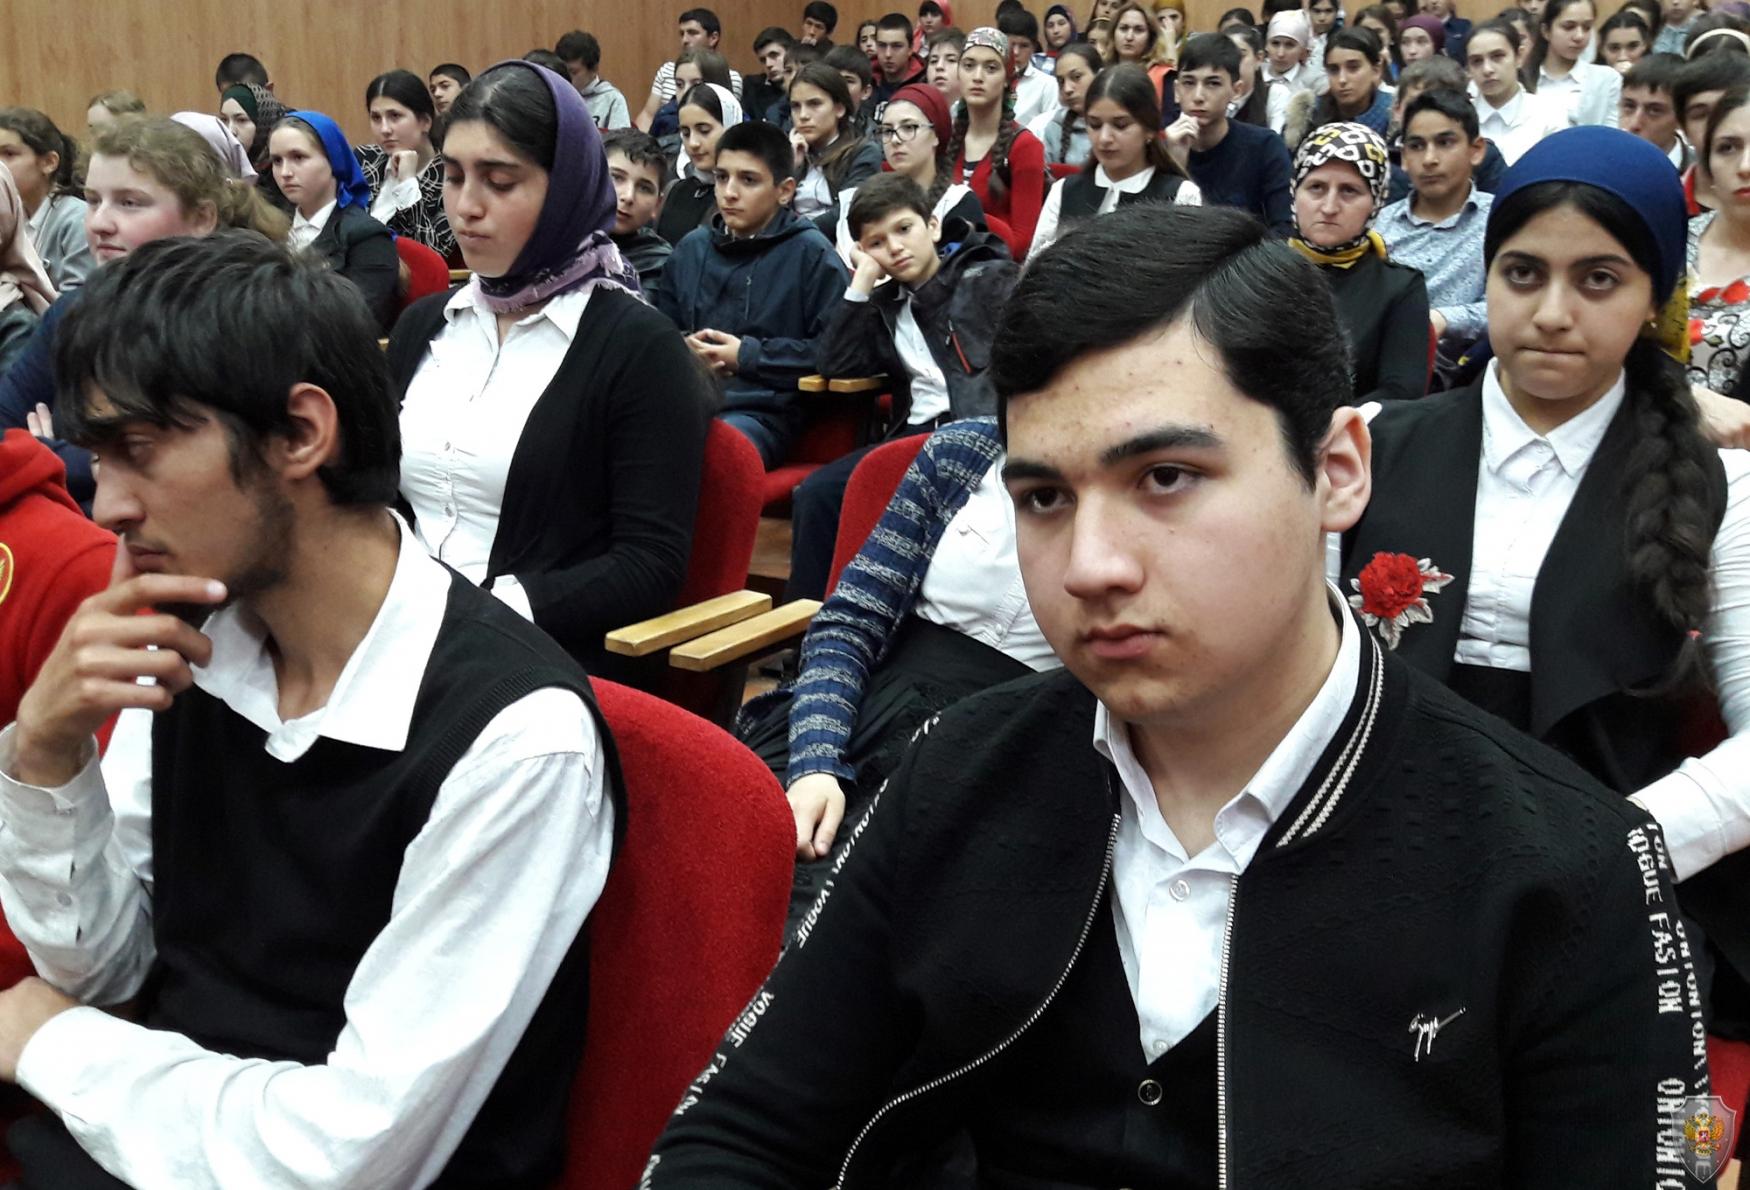 В Кумторкалинском районе проведен форум по вопросам противодействия идеологии терроризма и экстремизма